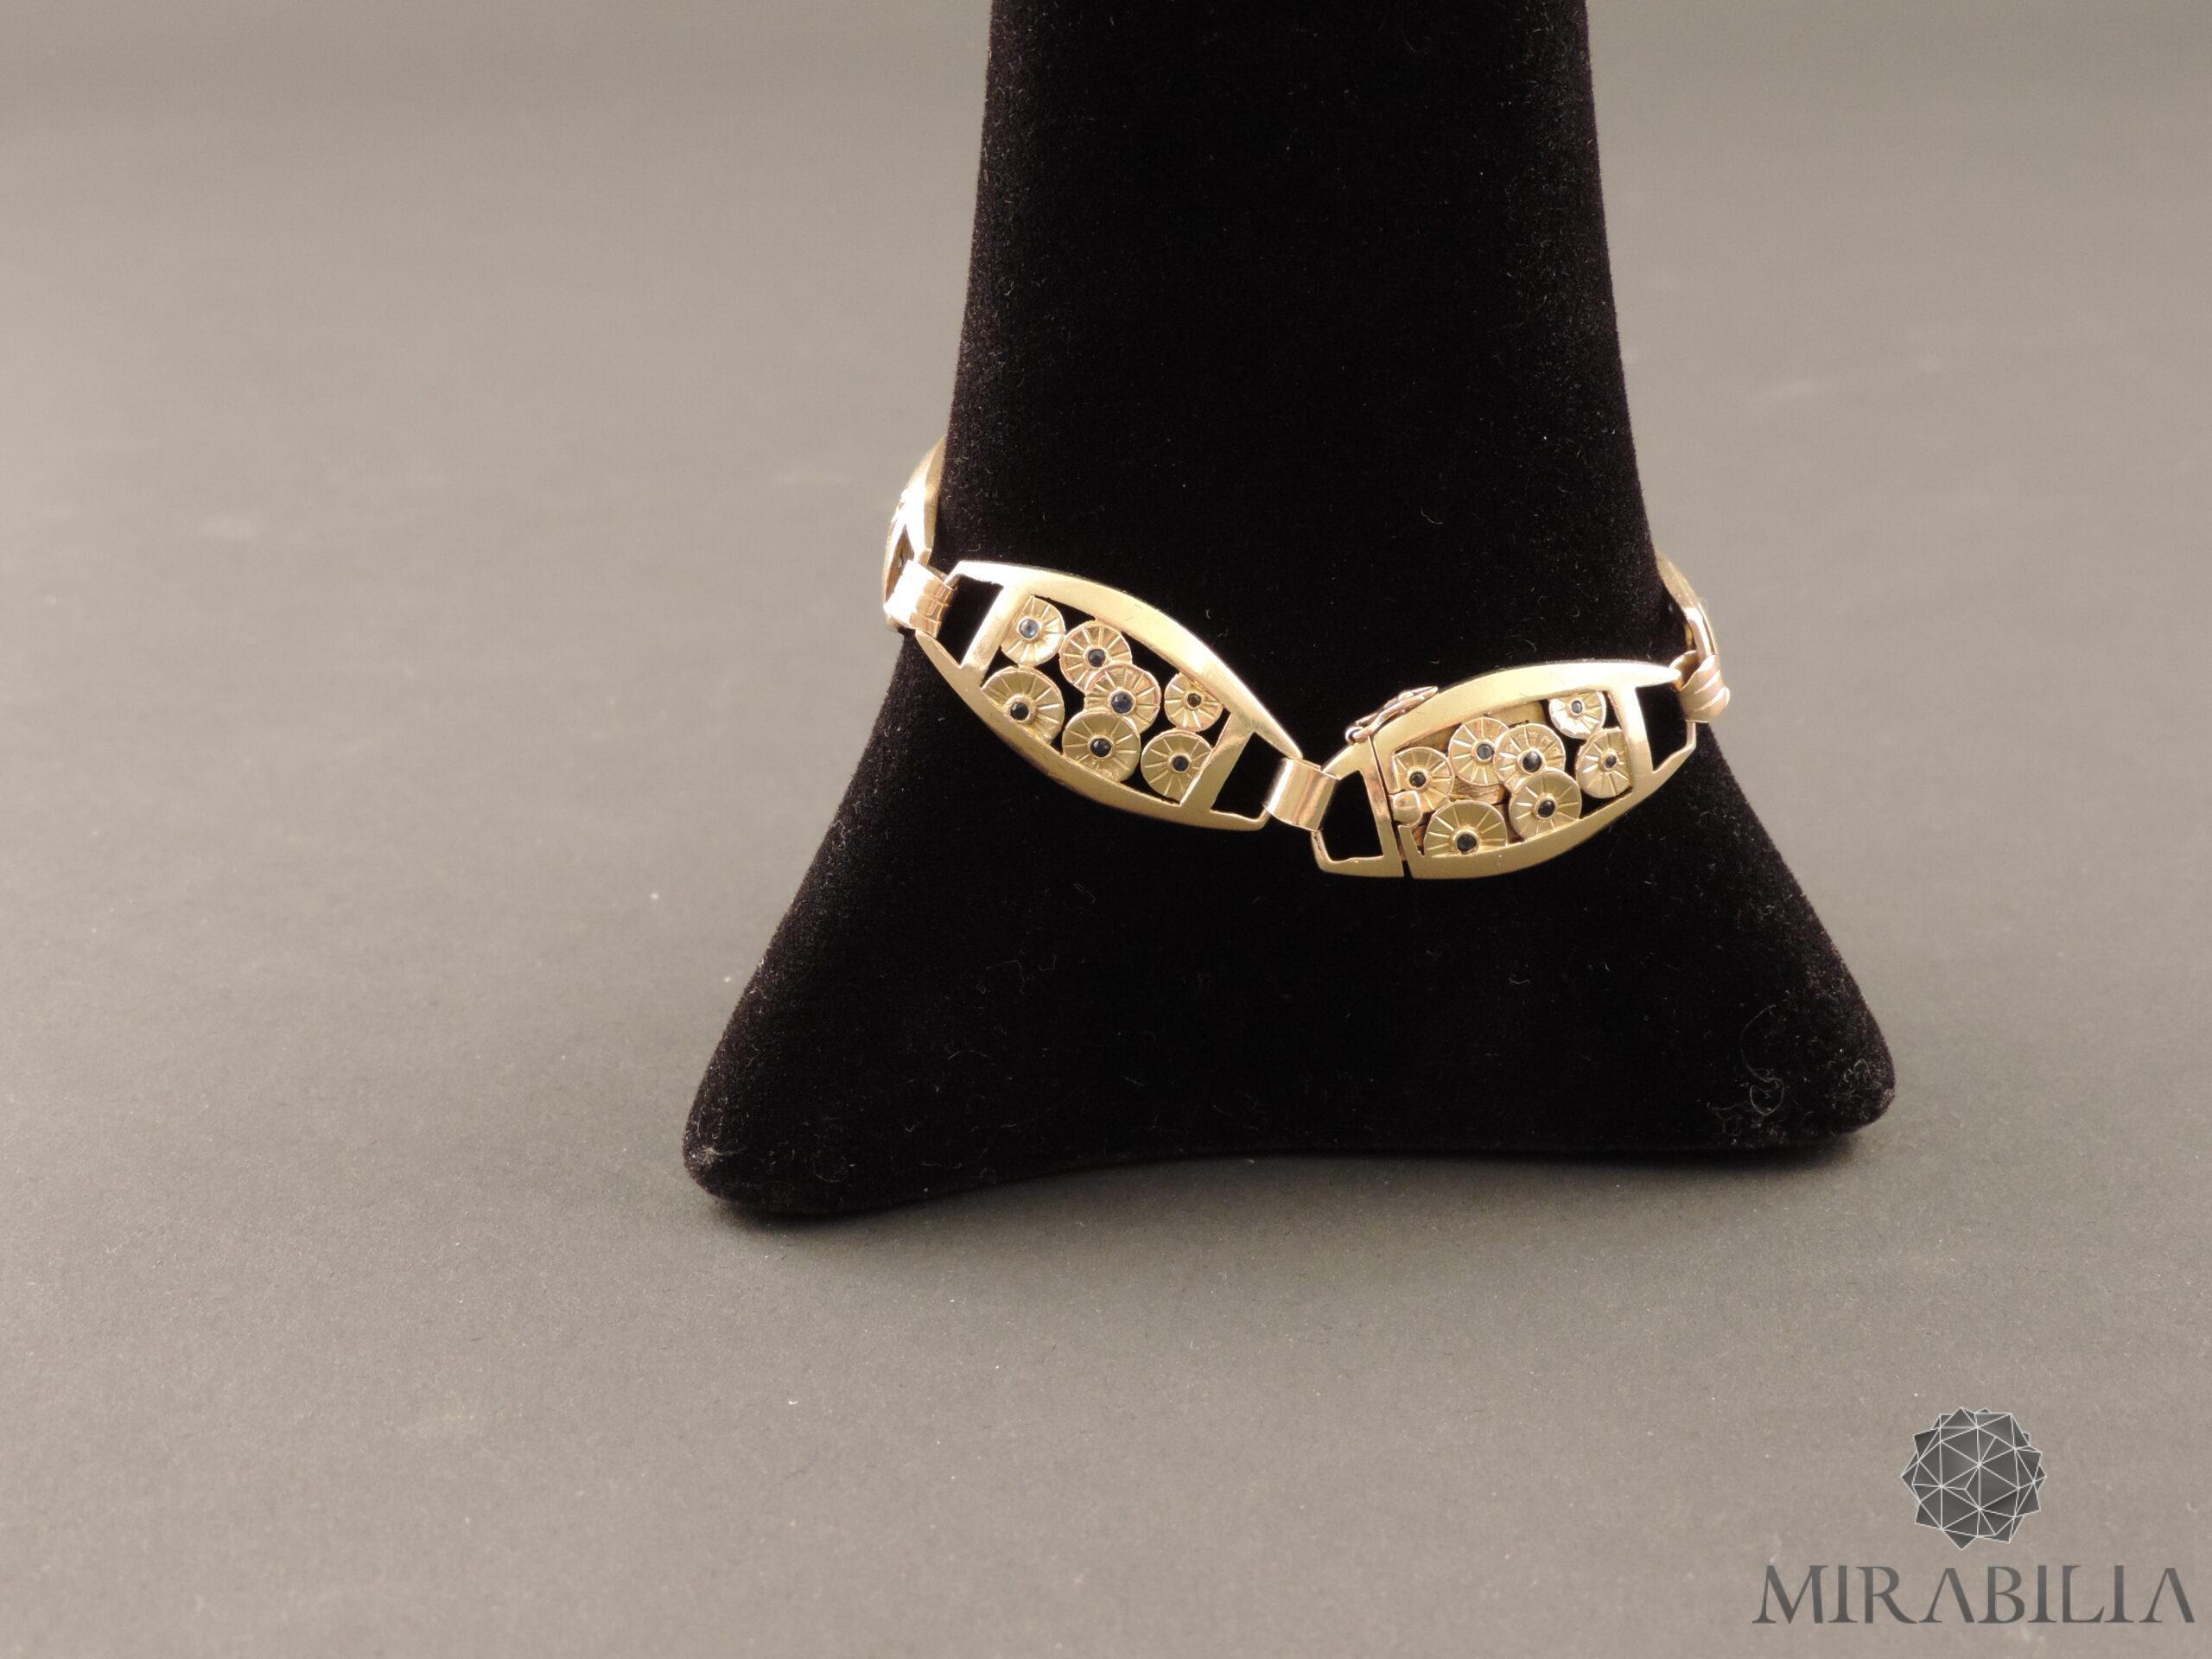 Braccialetto in oro giallo 18 ct. (750) e argento (800) formato da sei segmenti ovali,